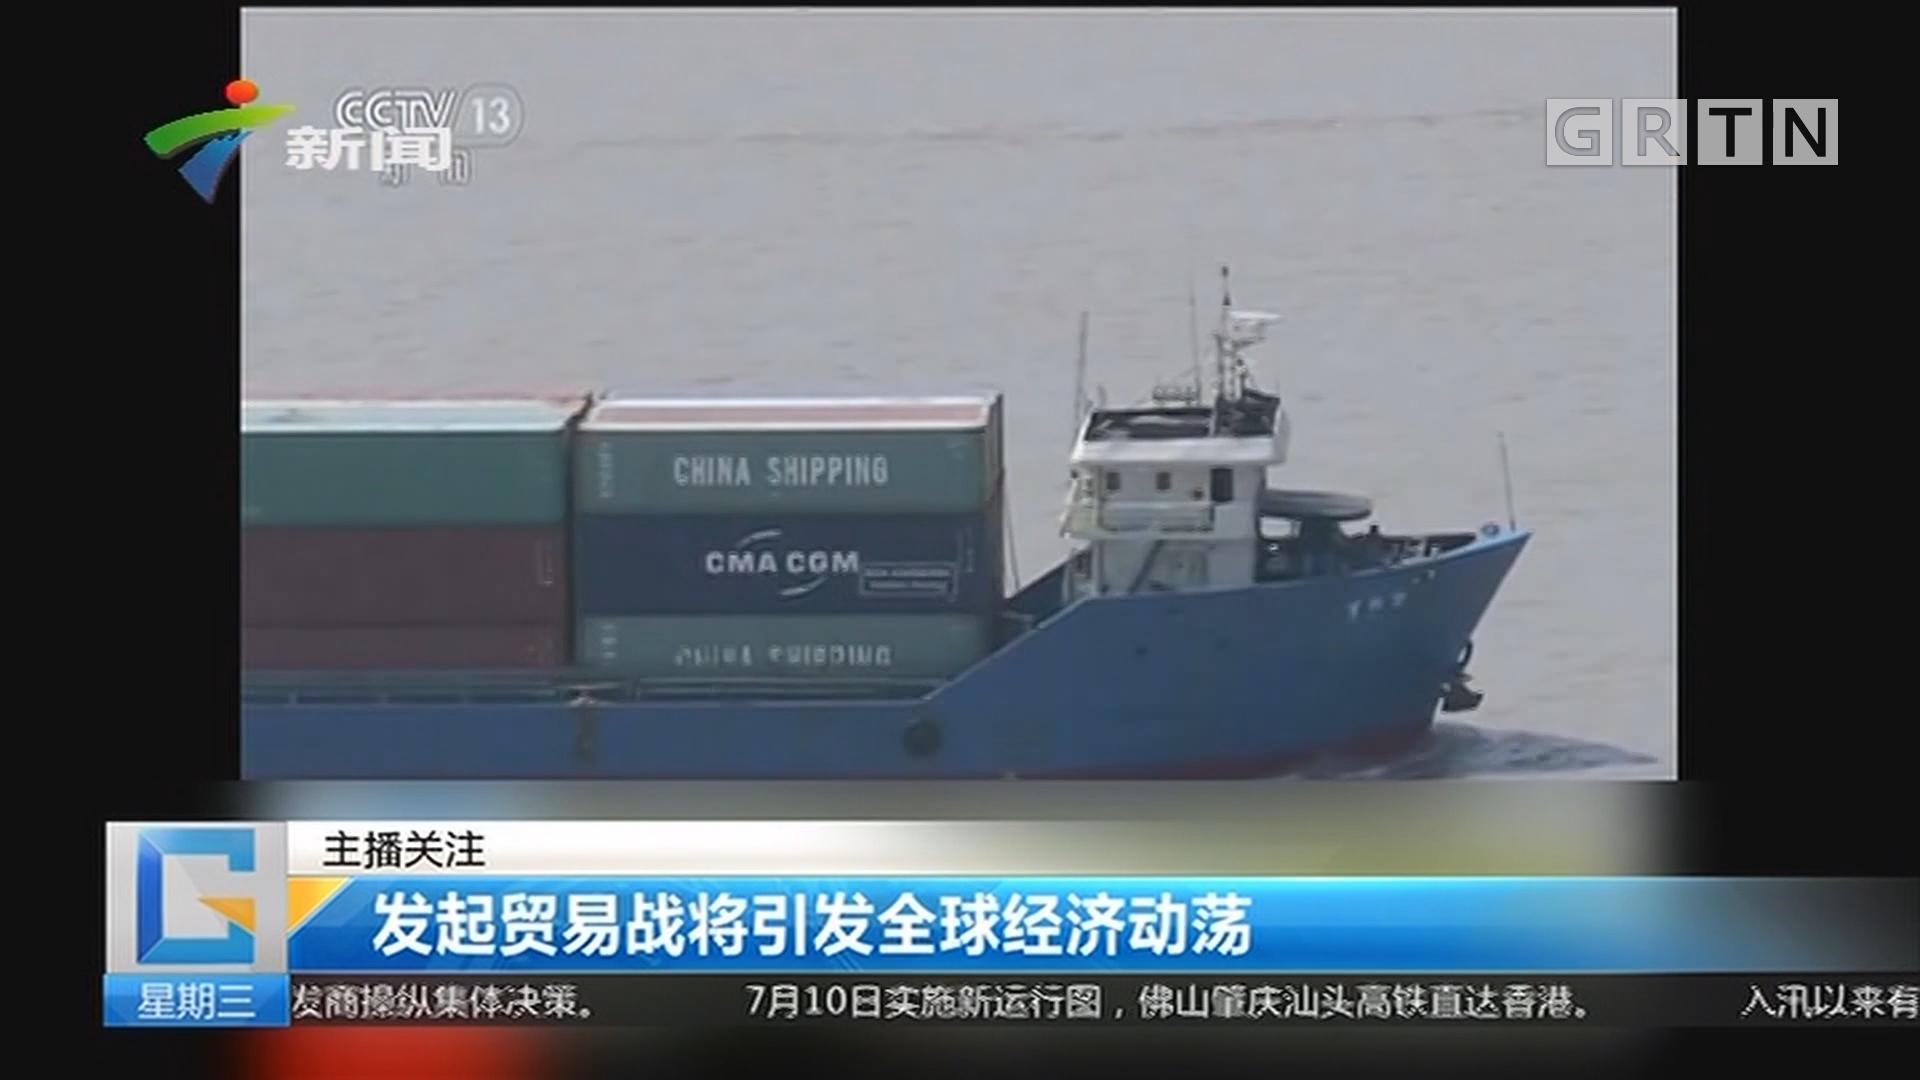 发起贸易战将引发全球经济动荡